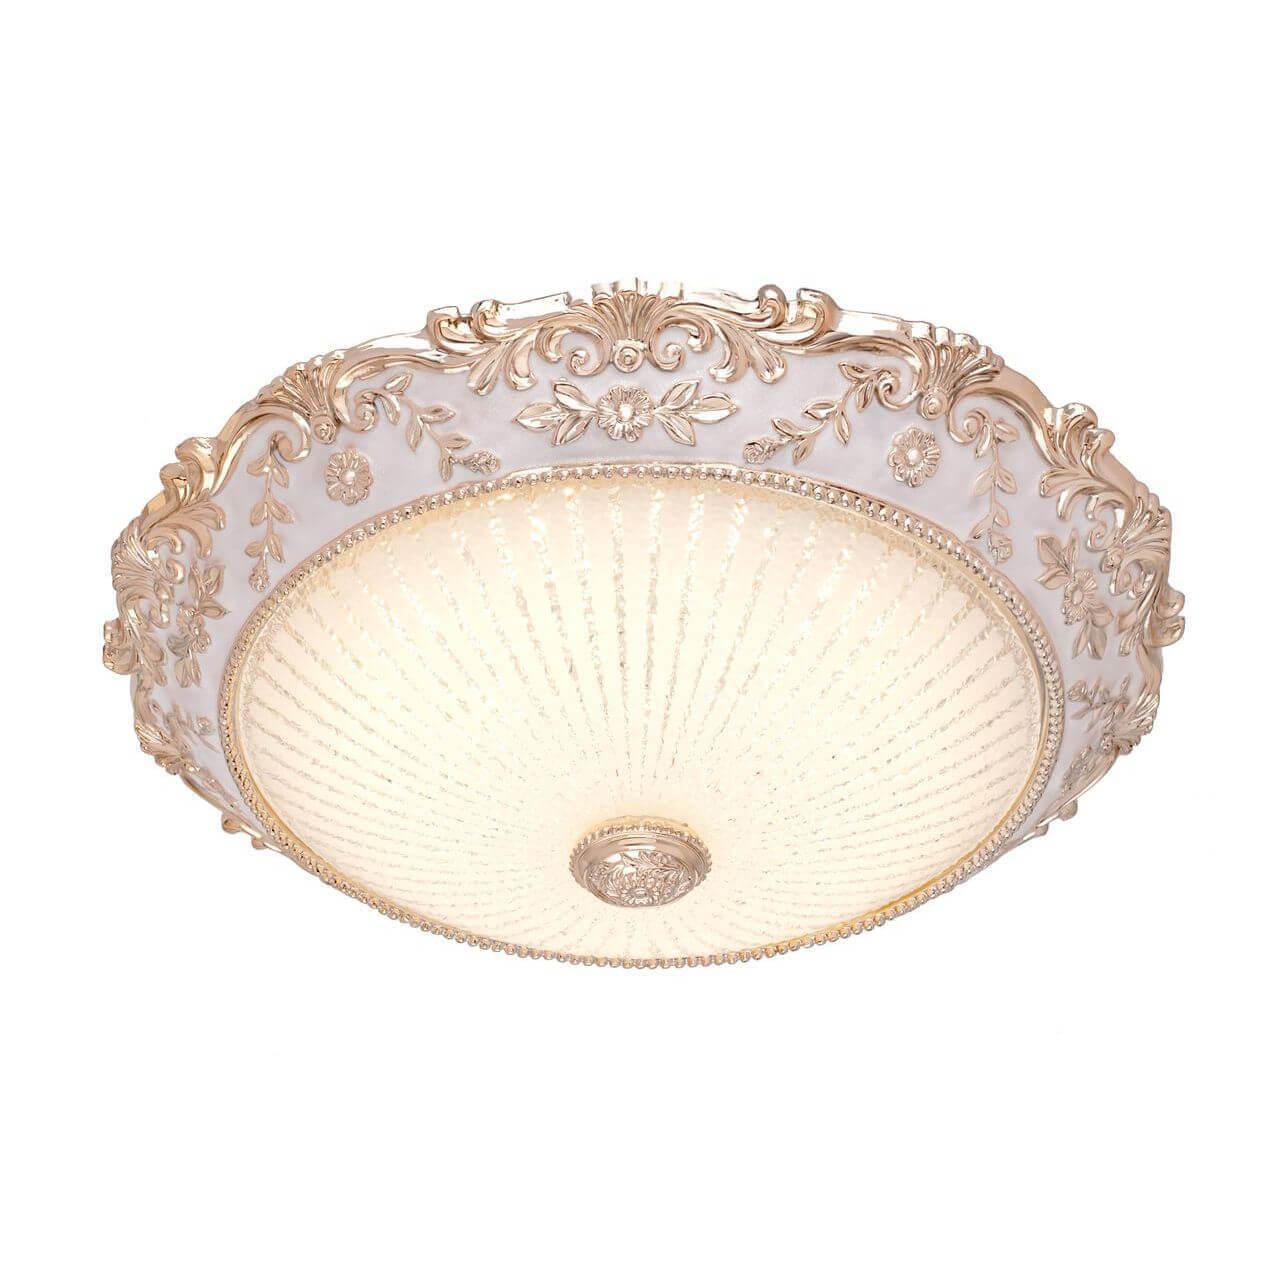 Светильник Silver Light 843.42.7 Louvre White настенный светодиодный светильник silver light louvre 844 36 7